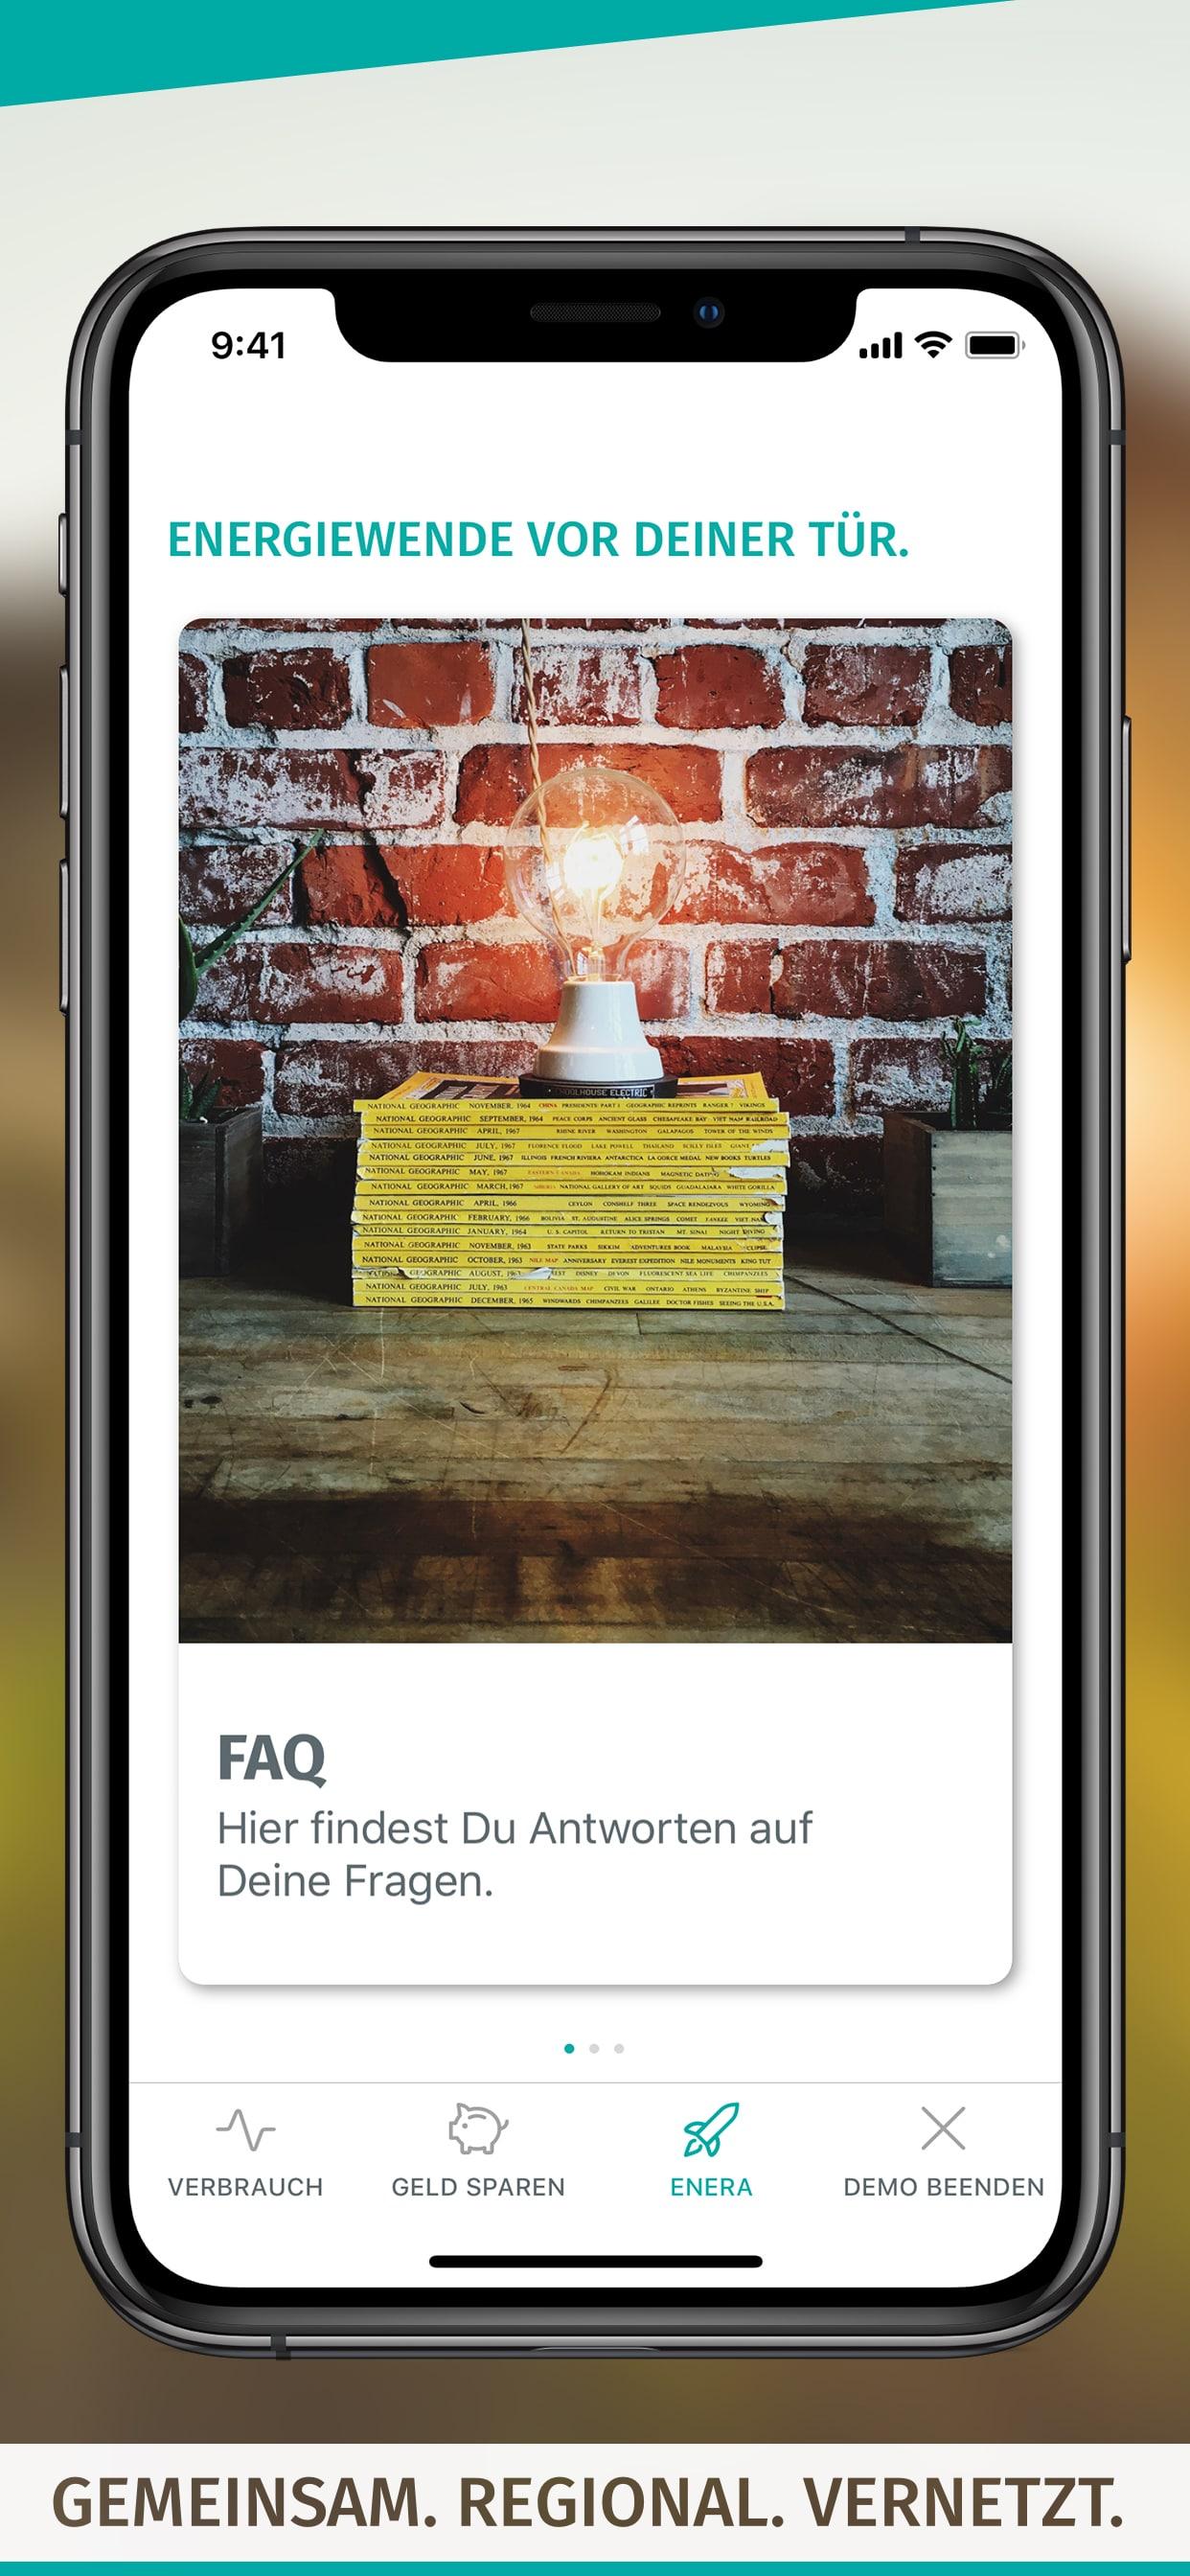 enera App-Screen-FAQ